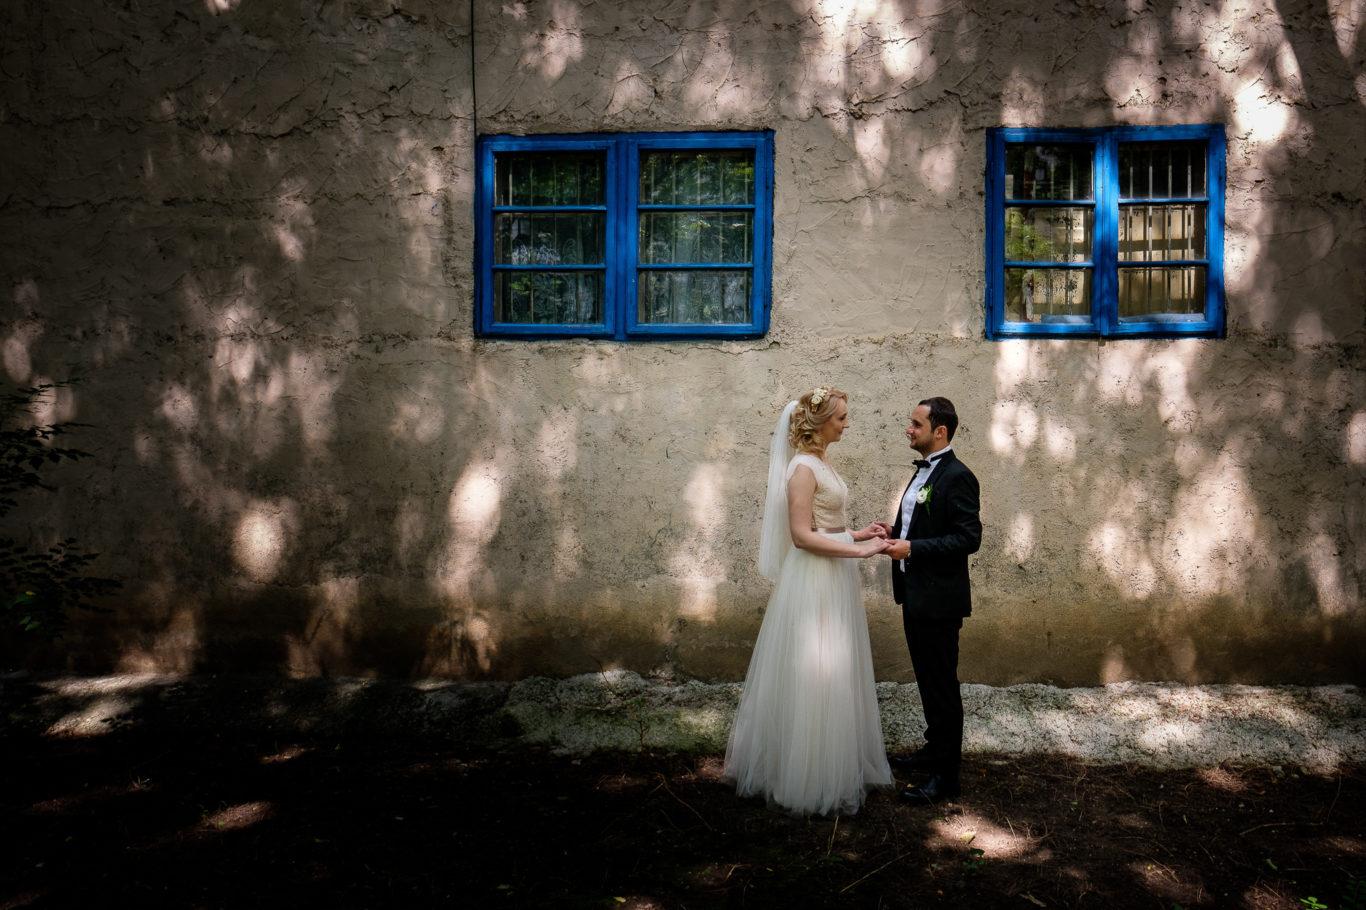 0427-Fotografie-nunta-Mirela-Iulian-fotograf-Ciprian-Dumitrescu-DSCF0687